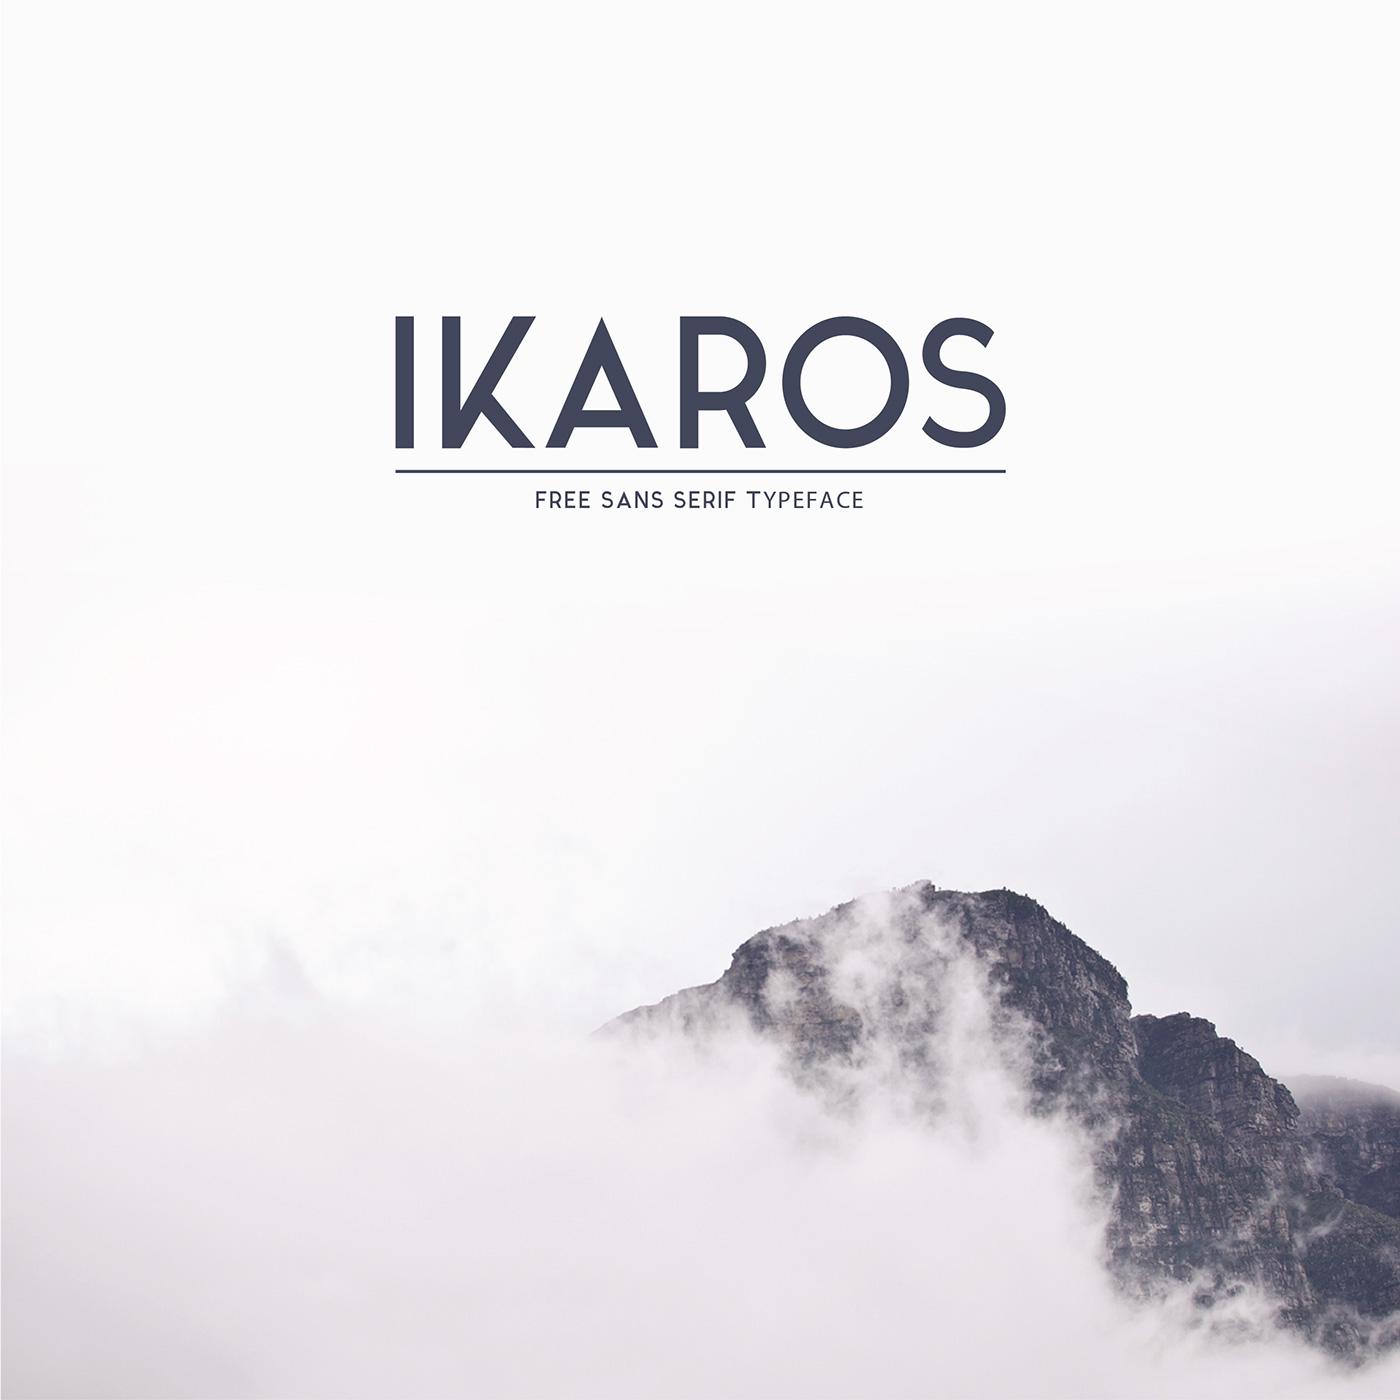 download ikaros font free